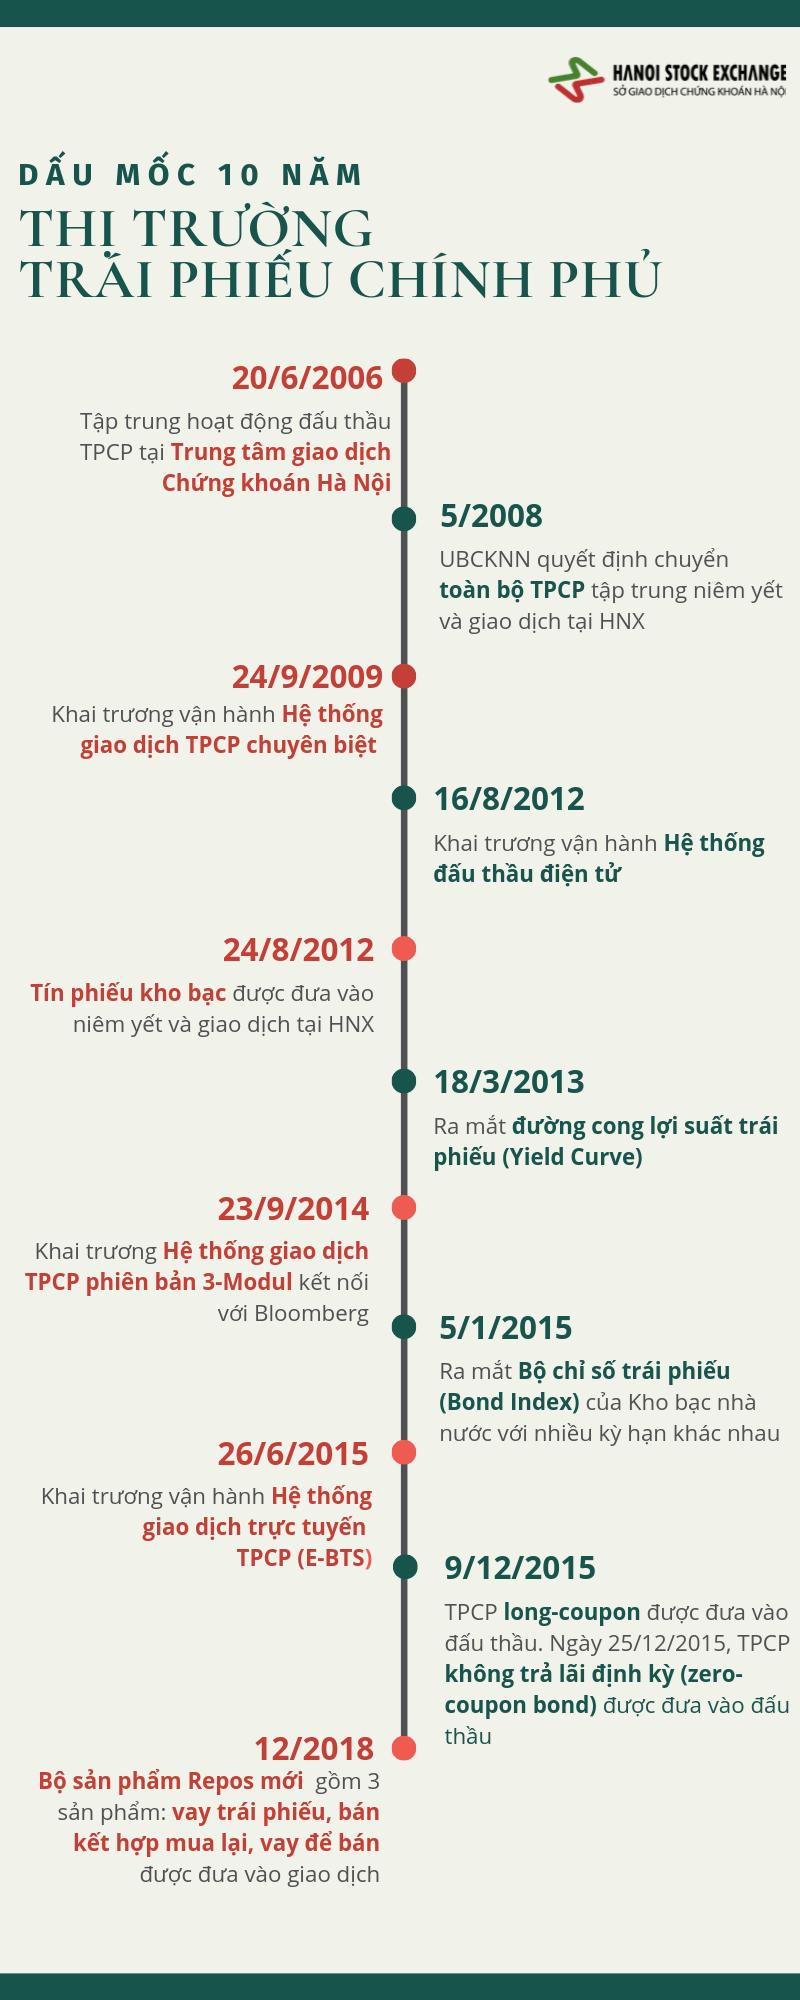 [Infographic] Dấu mốc 10 năm thị trường trái phiếu Chính phủ - Ảnh 1